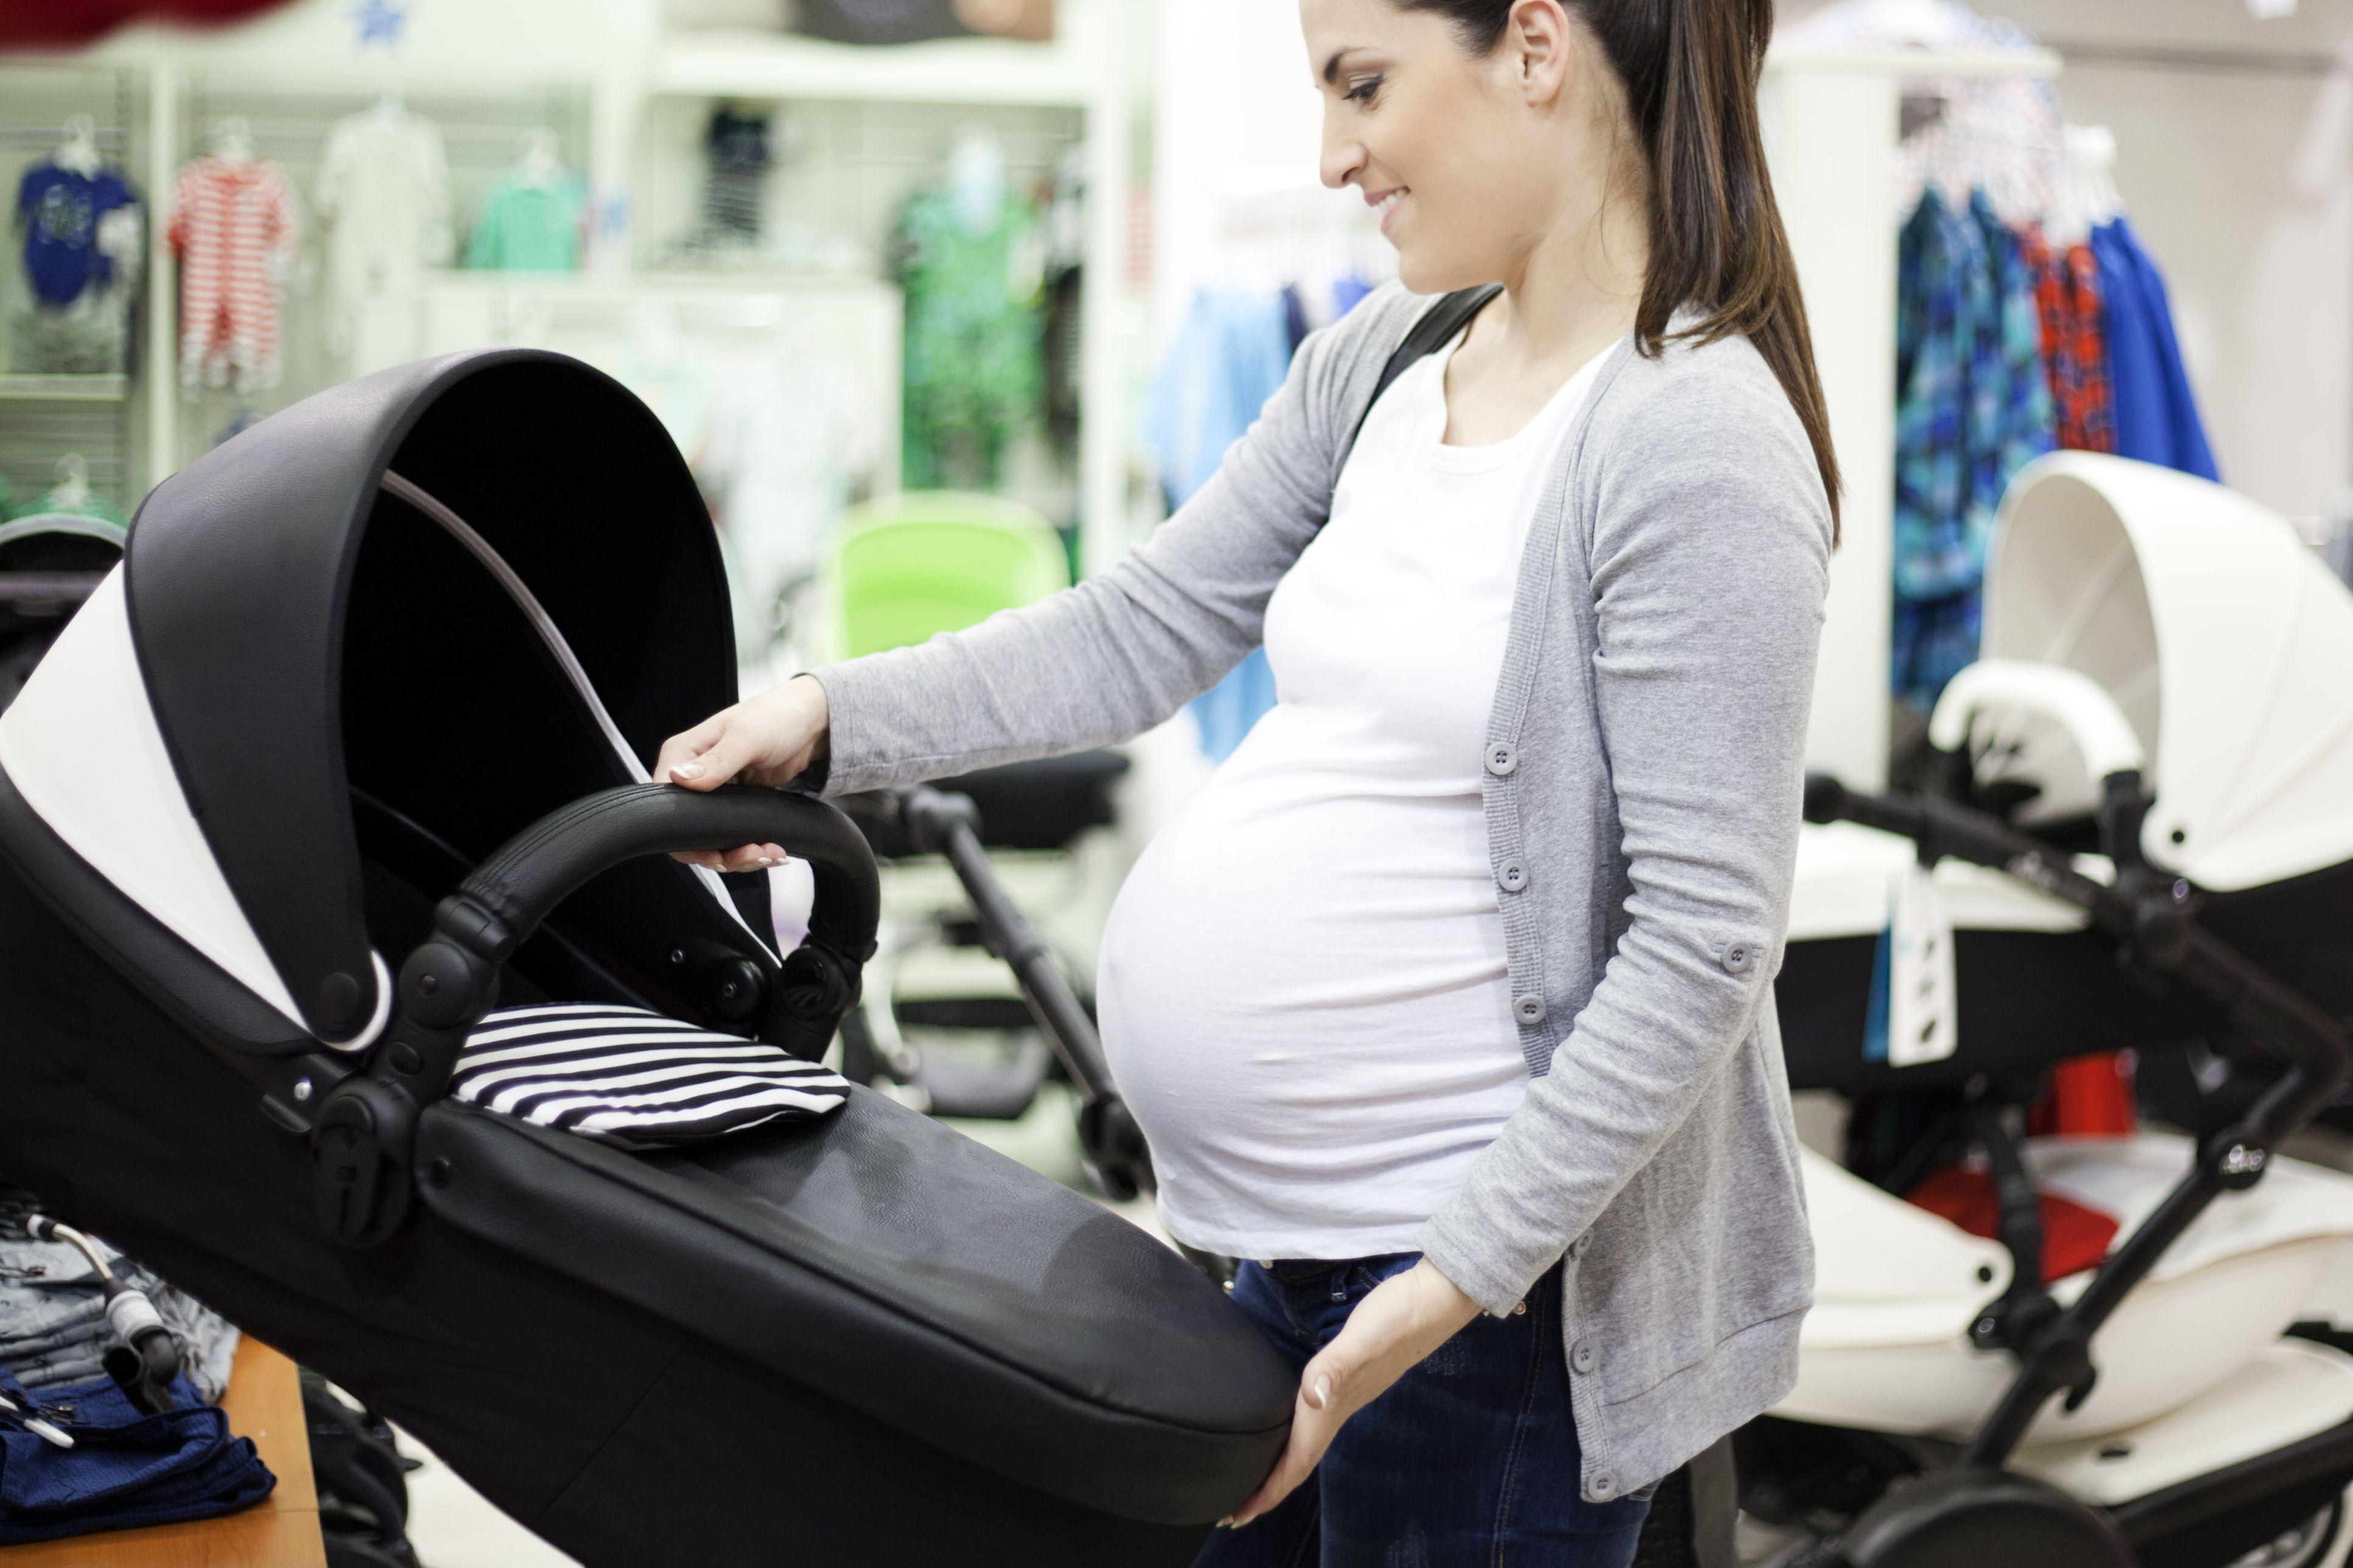 Mujer embarazada comprando desde su registro de bebés